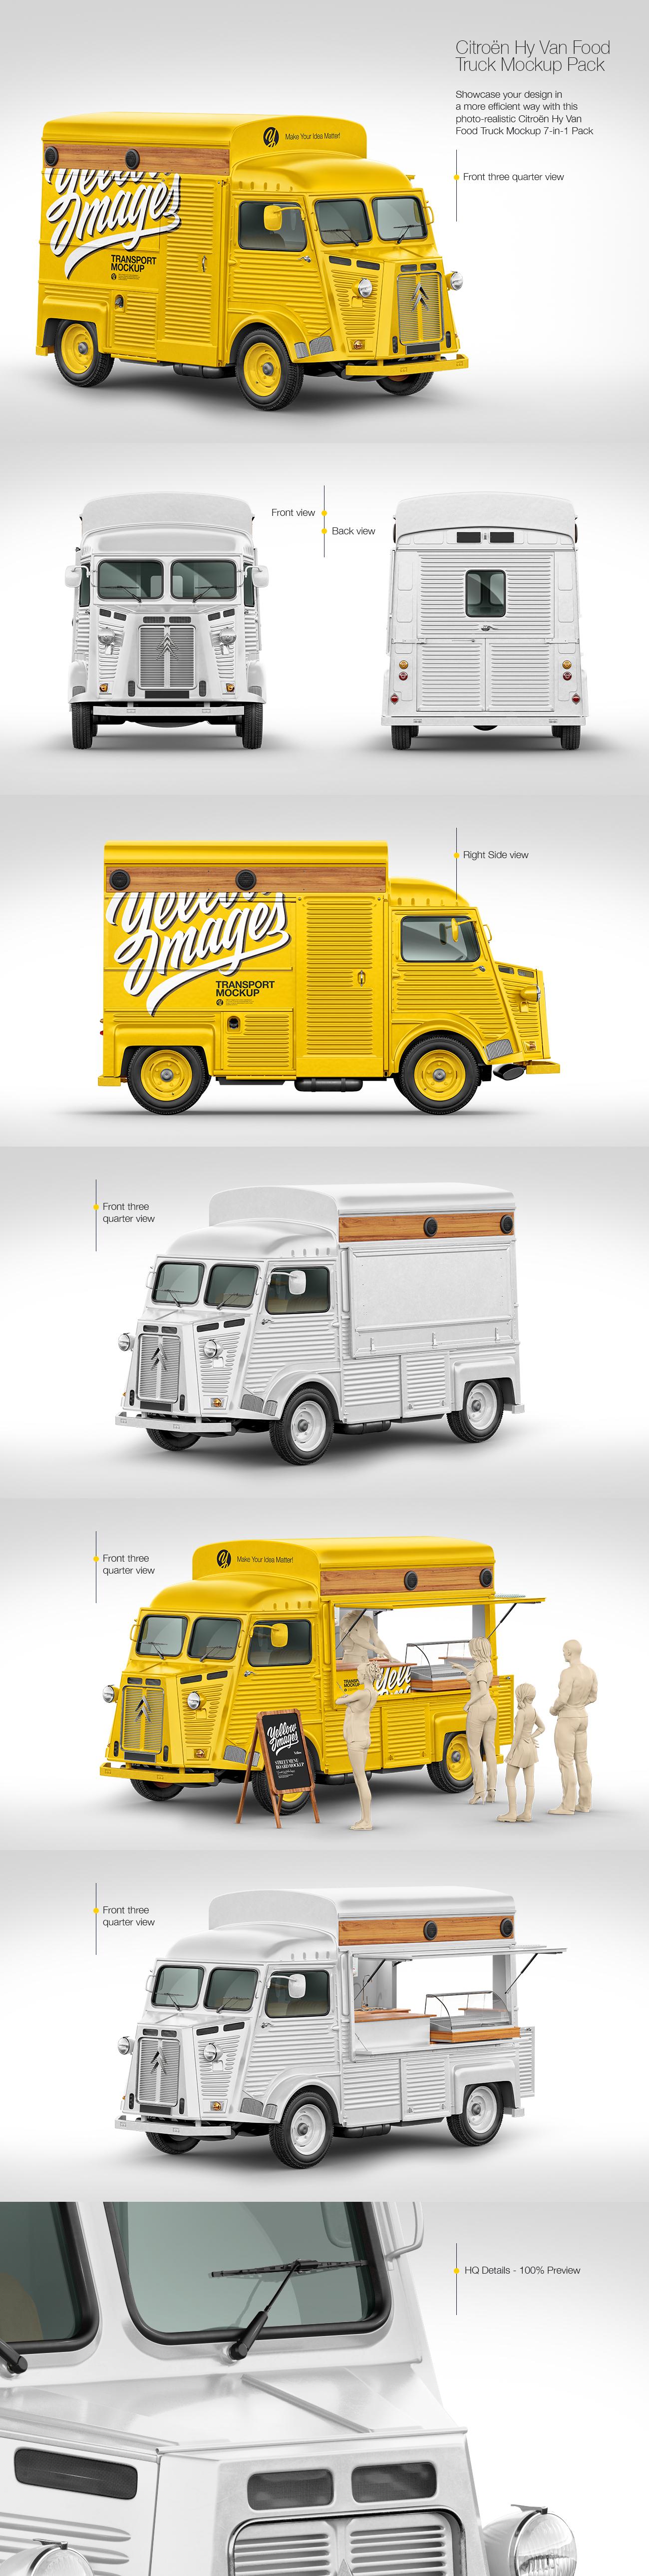 Citroen Hy Van Food Truck Mockup Pack